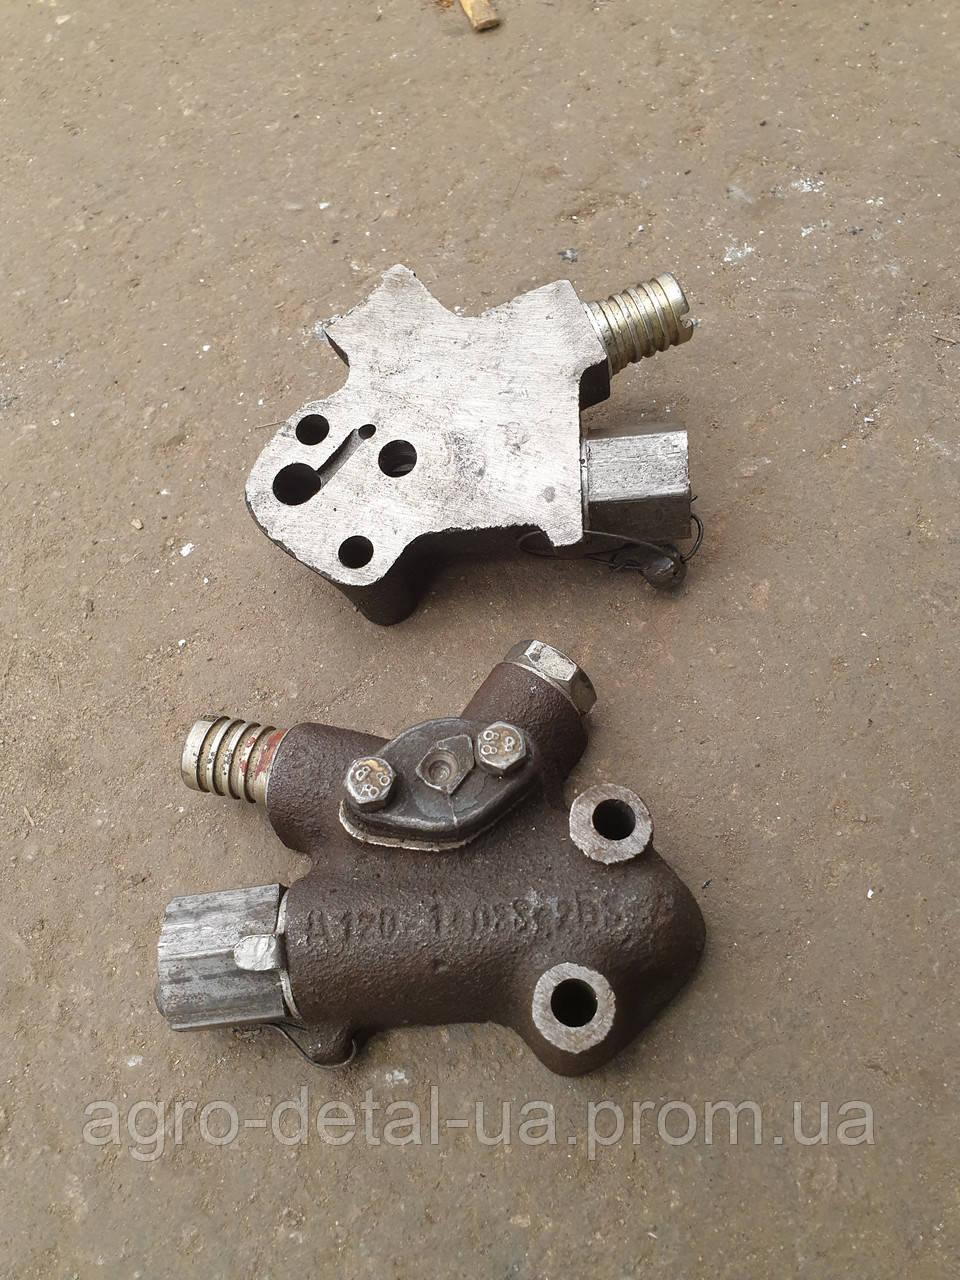 Клапан редукционный Д120-1403382Б3 двигателя Д 120 трактора Т25